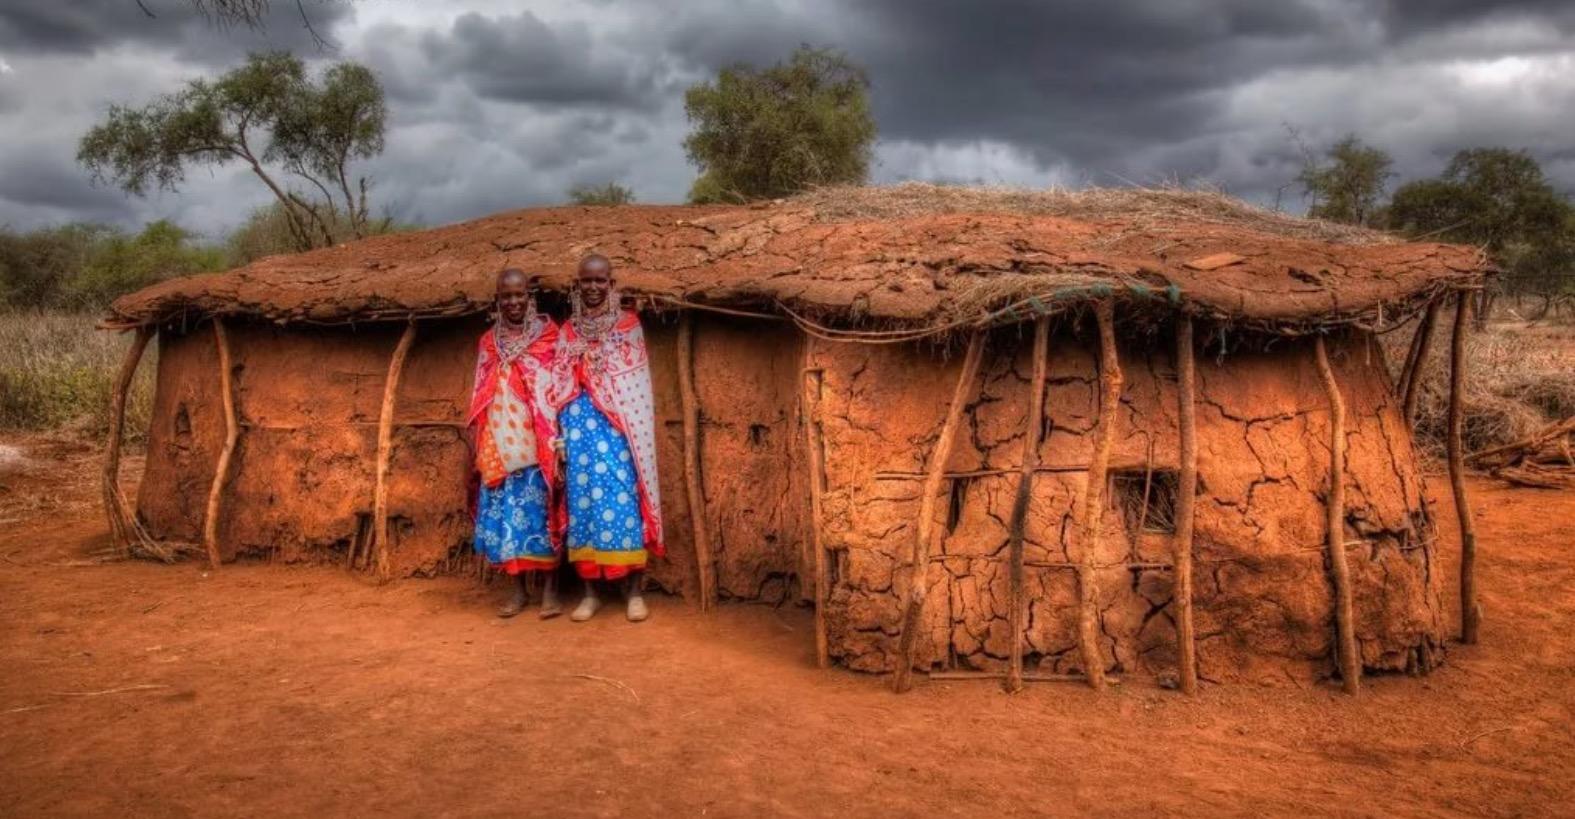 просторном фото домов людей живущих в дикой природе тех